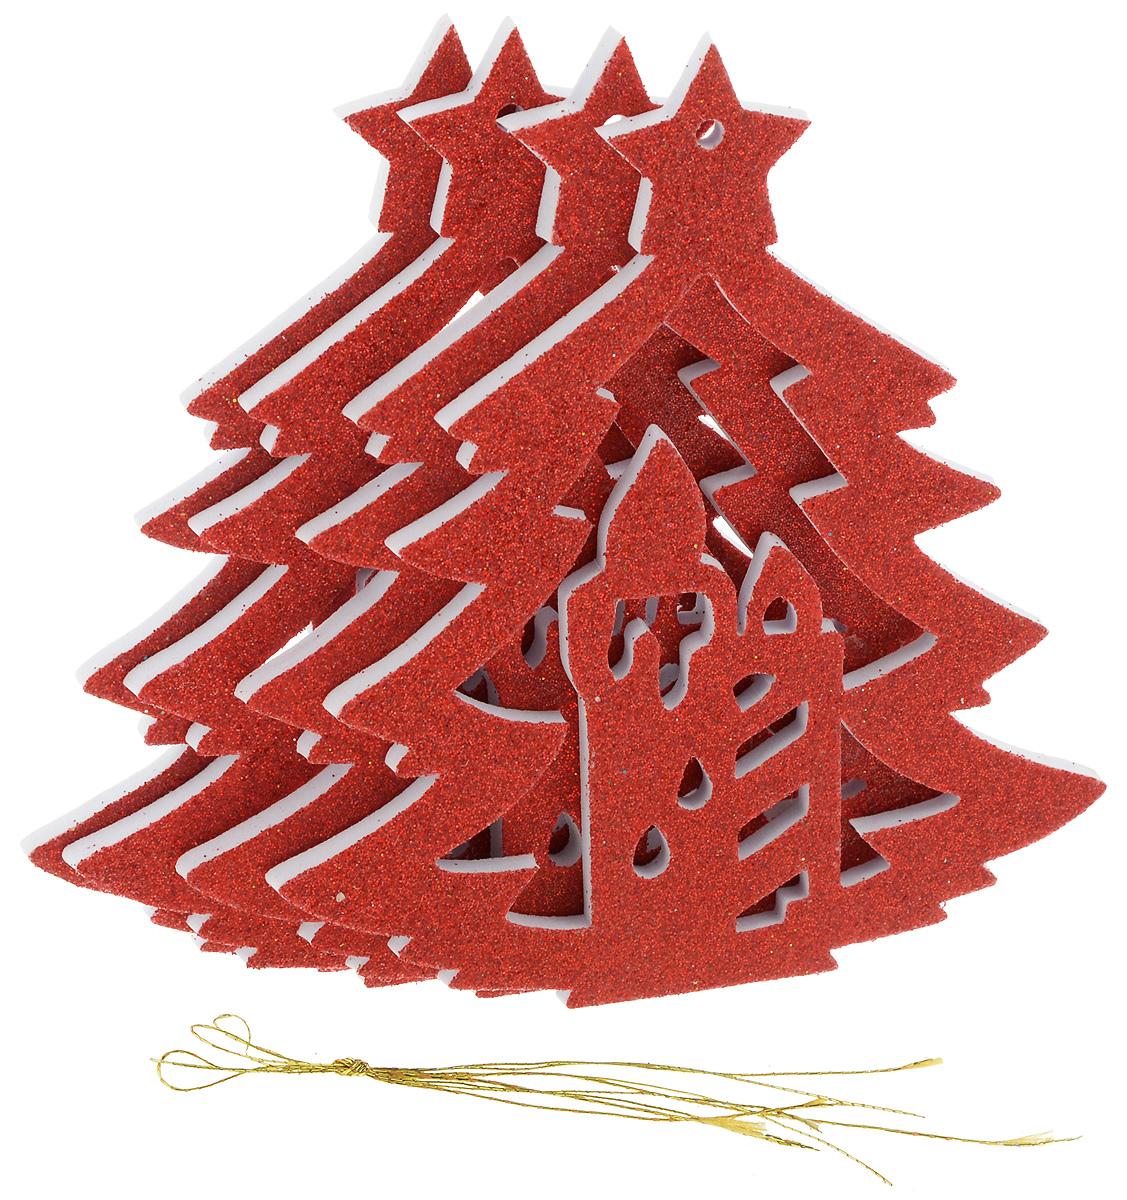 Набор новогодних подвесных украшений House & Holder Елка, цвет: красный, 4 штY68-8314/3R_красныйНабор подвесных украшений House & Holder Елка прекрасно подойдет для праздничного декора новогодней ели. Набор состоит из 4 пластиковых украшений.Елочная игрушка - символ Нового года. Она несет в себе волшебство и красоту праздника. Создайте в своем доме атмосферу веселья и радости, украшая новогоднюю елку нарядными игрушками, которые будут из года в год накапливать теплоту воспоминаний. Откройте для себя удивительный мир сказок и грез. Почувствуйте волшебные минуты ожидания праздника, создайте новогоднее настроение вашим дорогим и близким.Размер: 11 х 0,5 х 12,5 см.